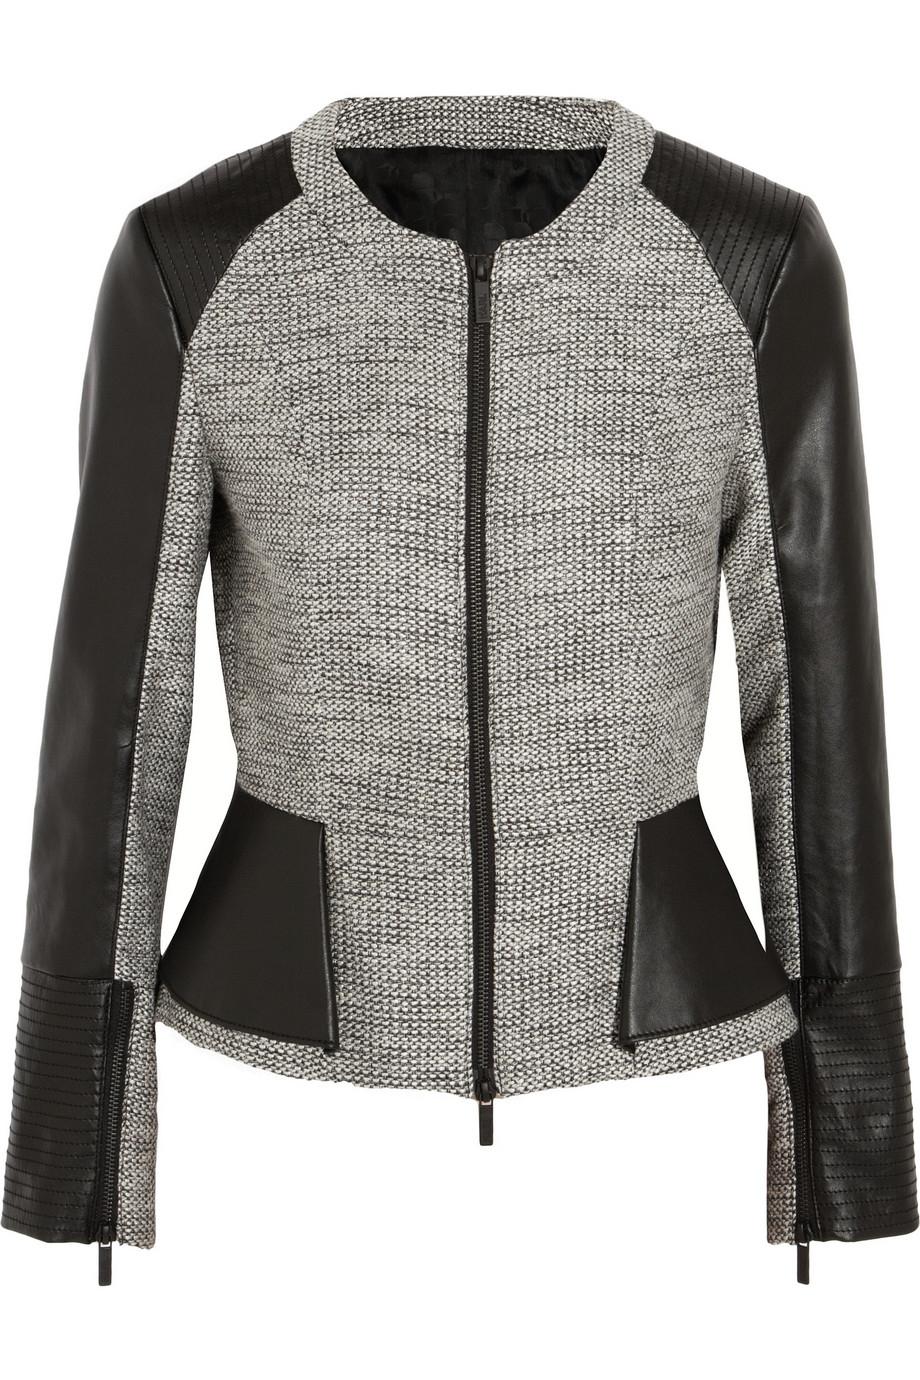 karl lagerfeld wool jacket